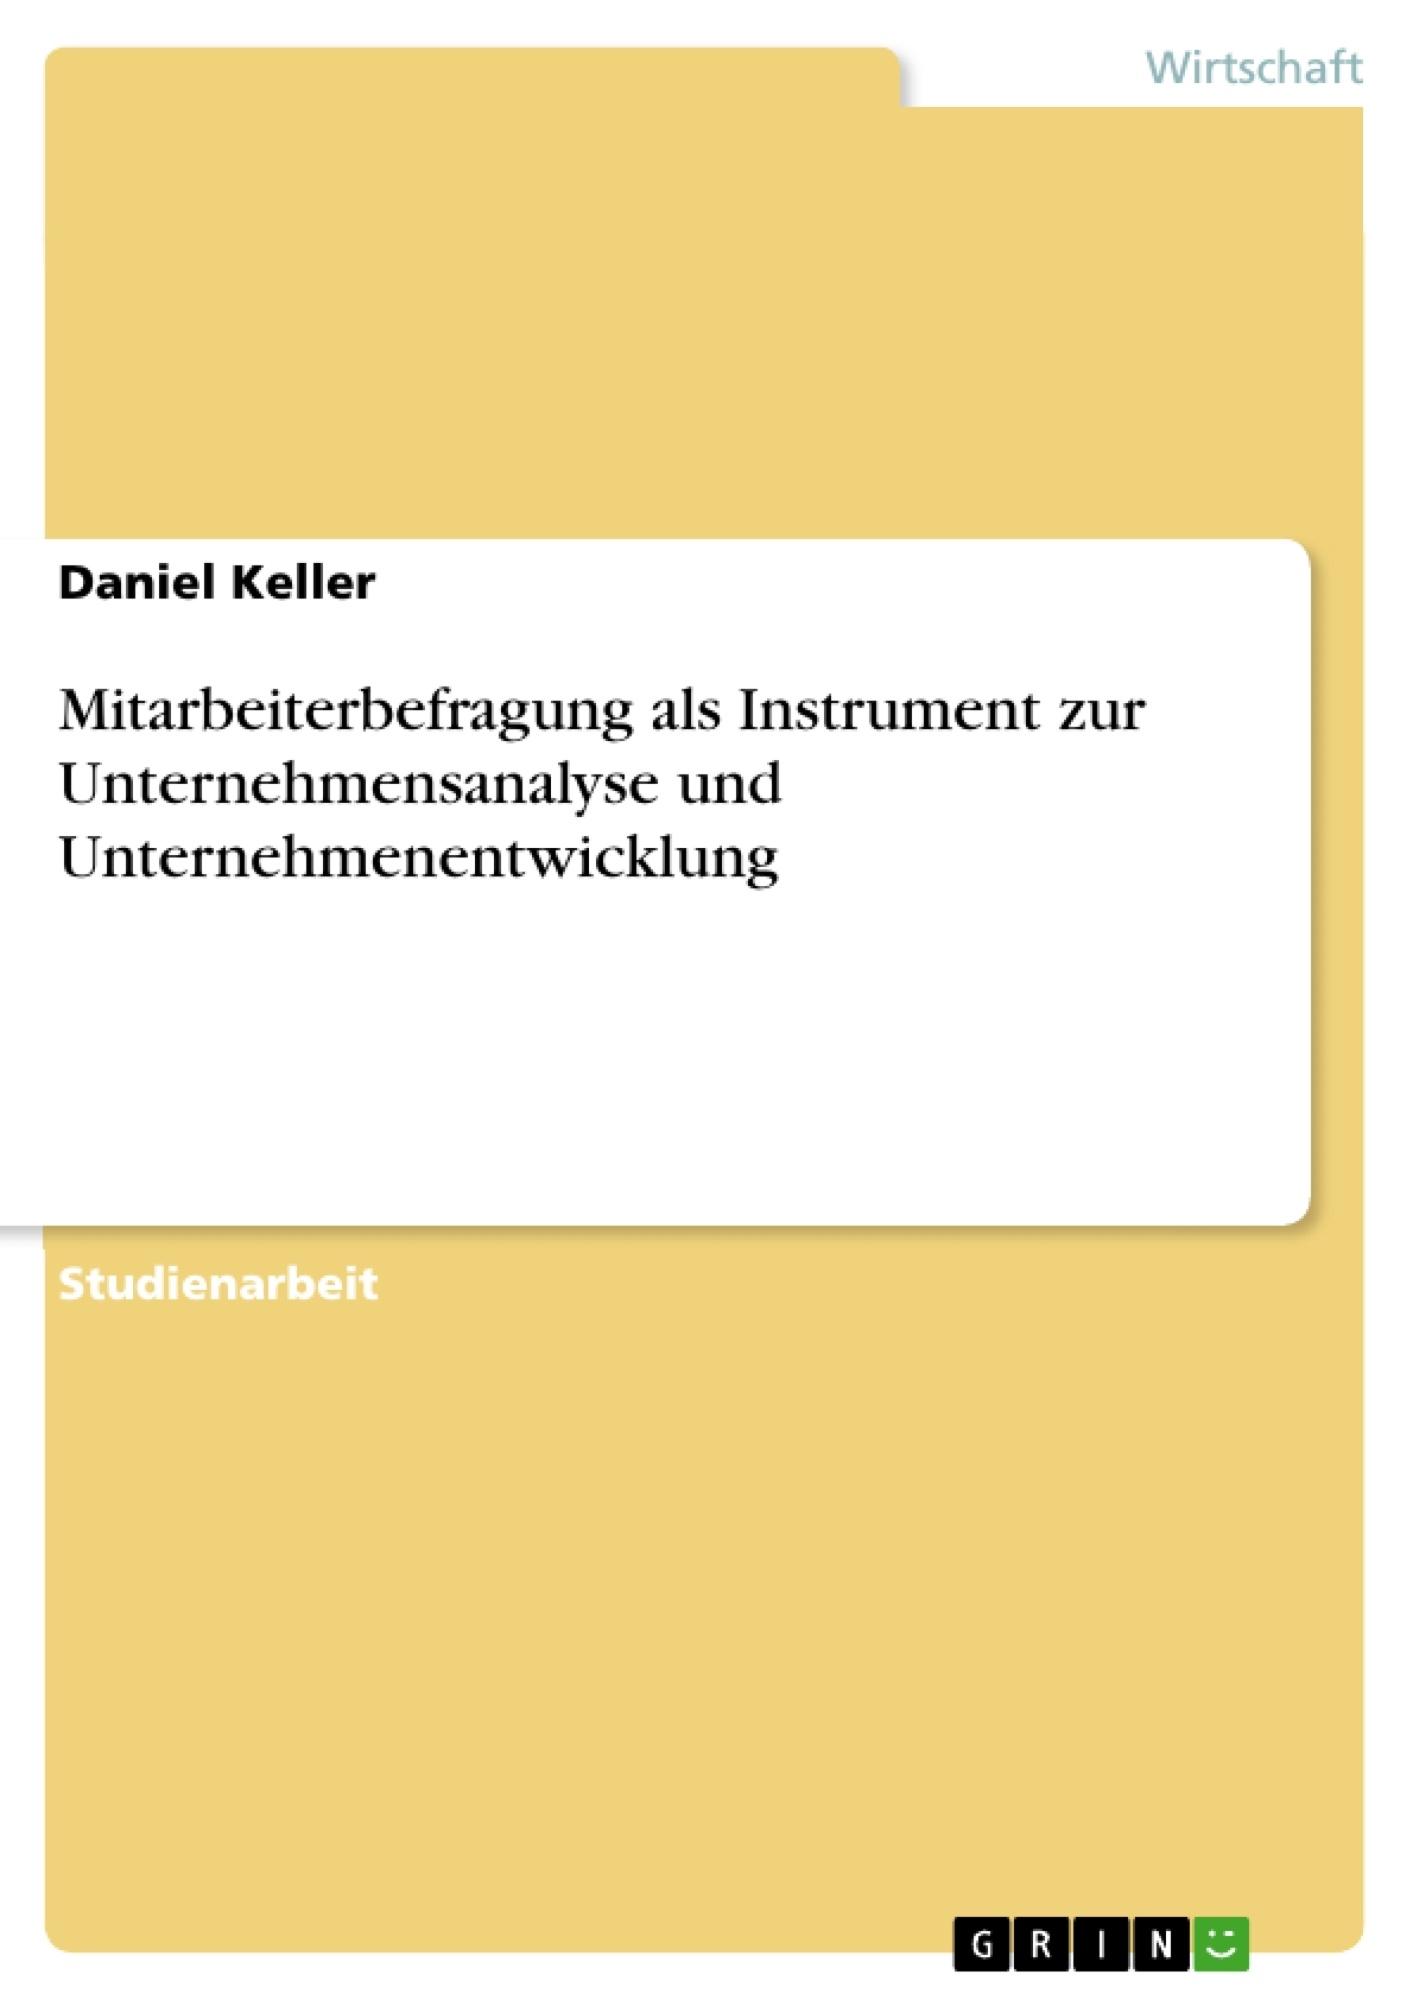 Titel: Mitarbeiterbefragung als Instrument zur Unternehmensanalyse und Unternehmenentwicklung